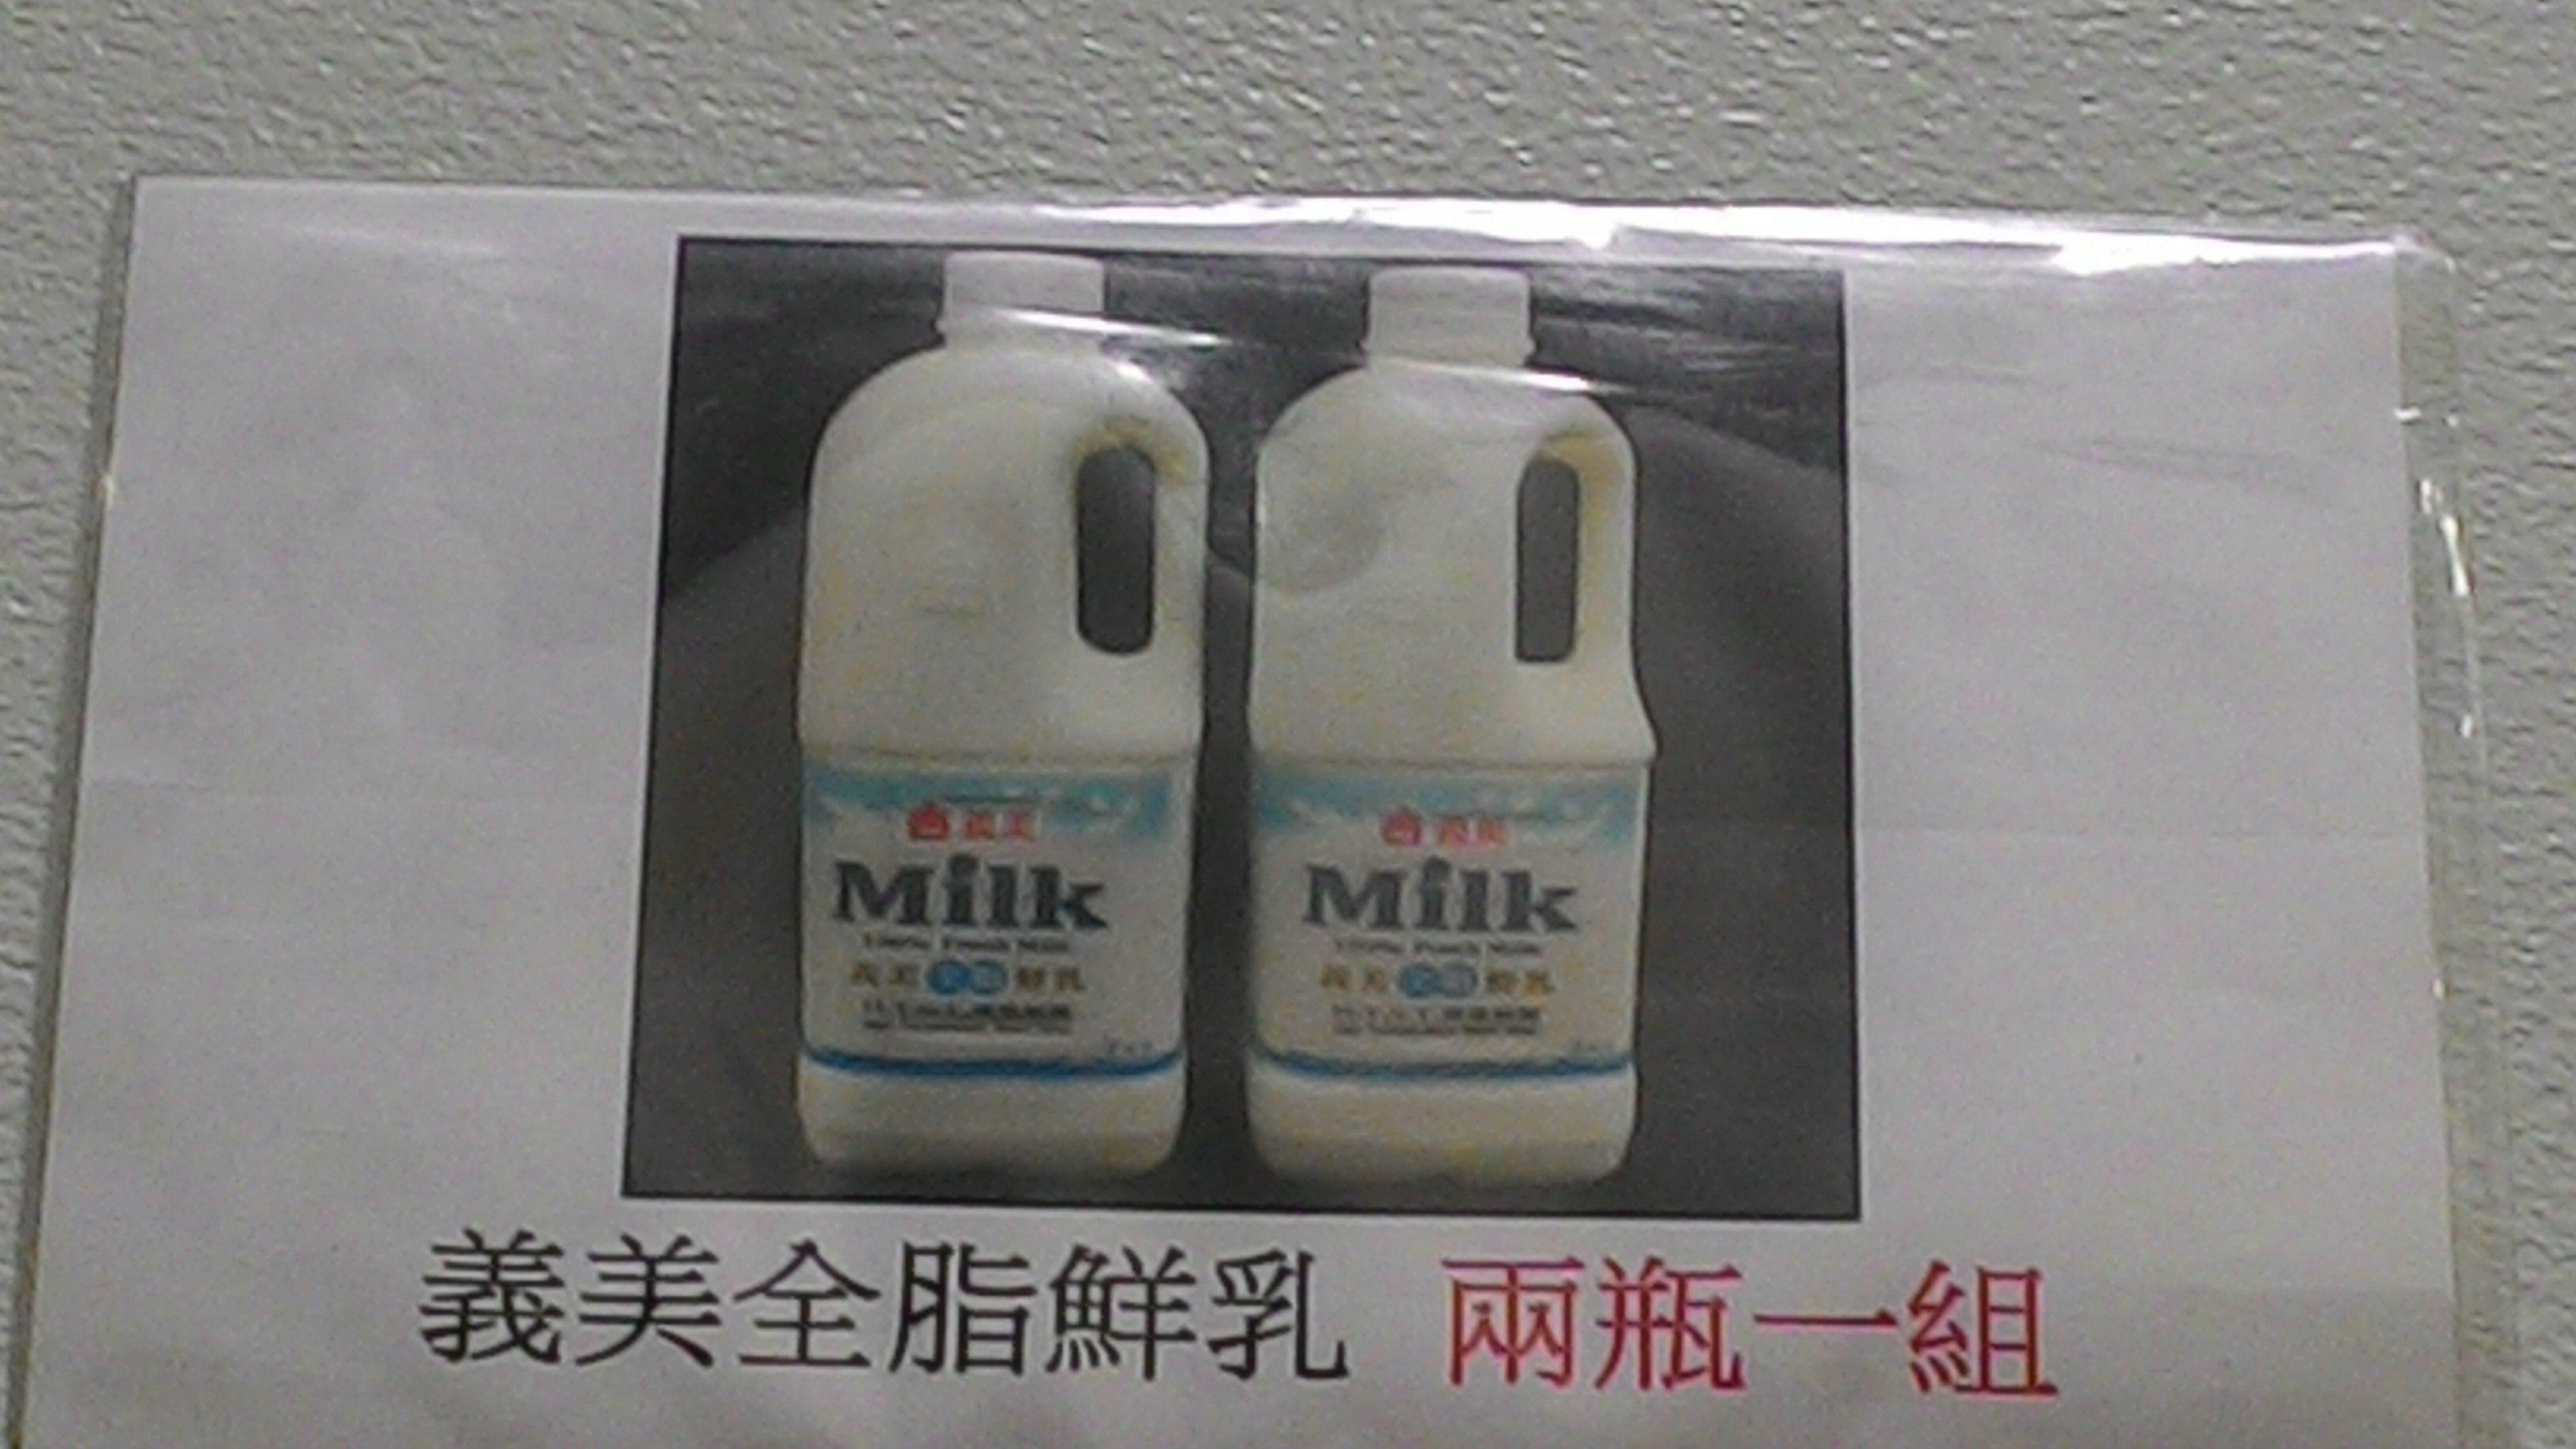 【日日小舖外送代購】好市多 I-Mei 義美全脂鮮奶 鮮乳 每組2公升*2  新北市板橋中和直接外送